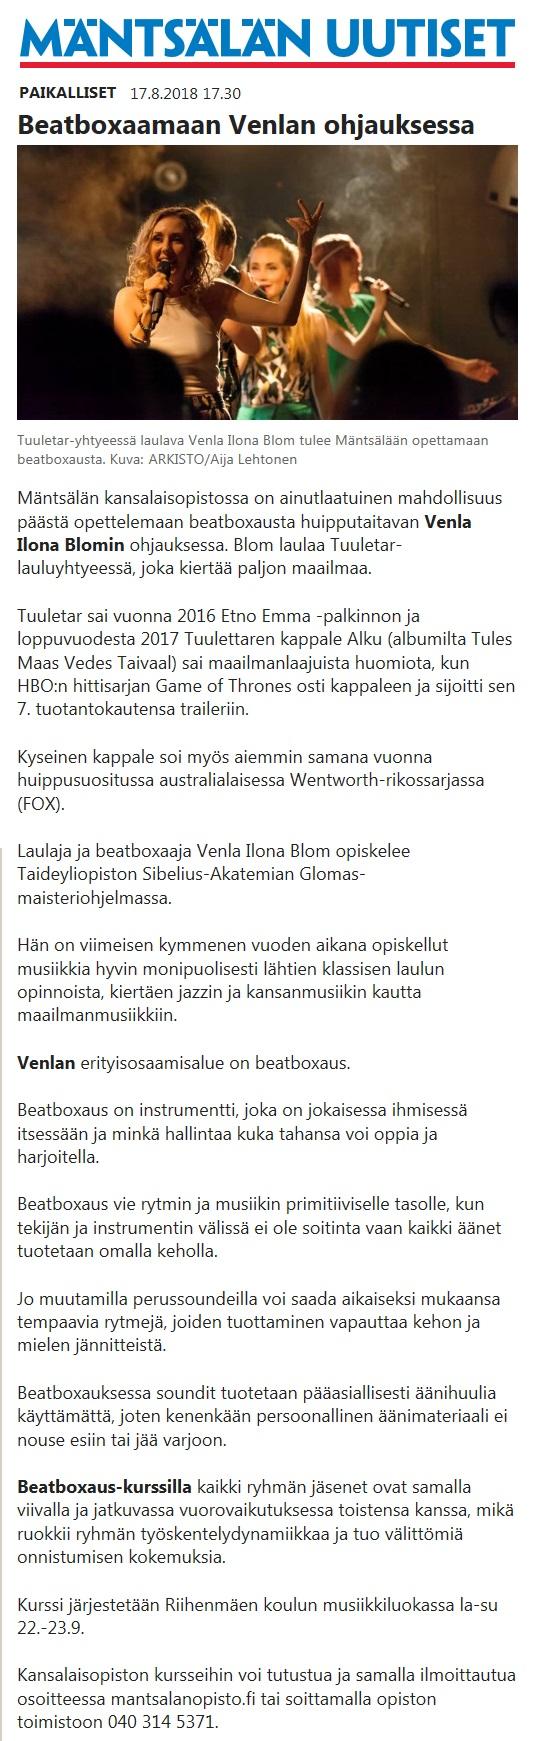 Mäntsälän Uutiset, 17.8.2018